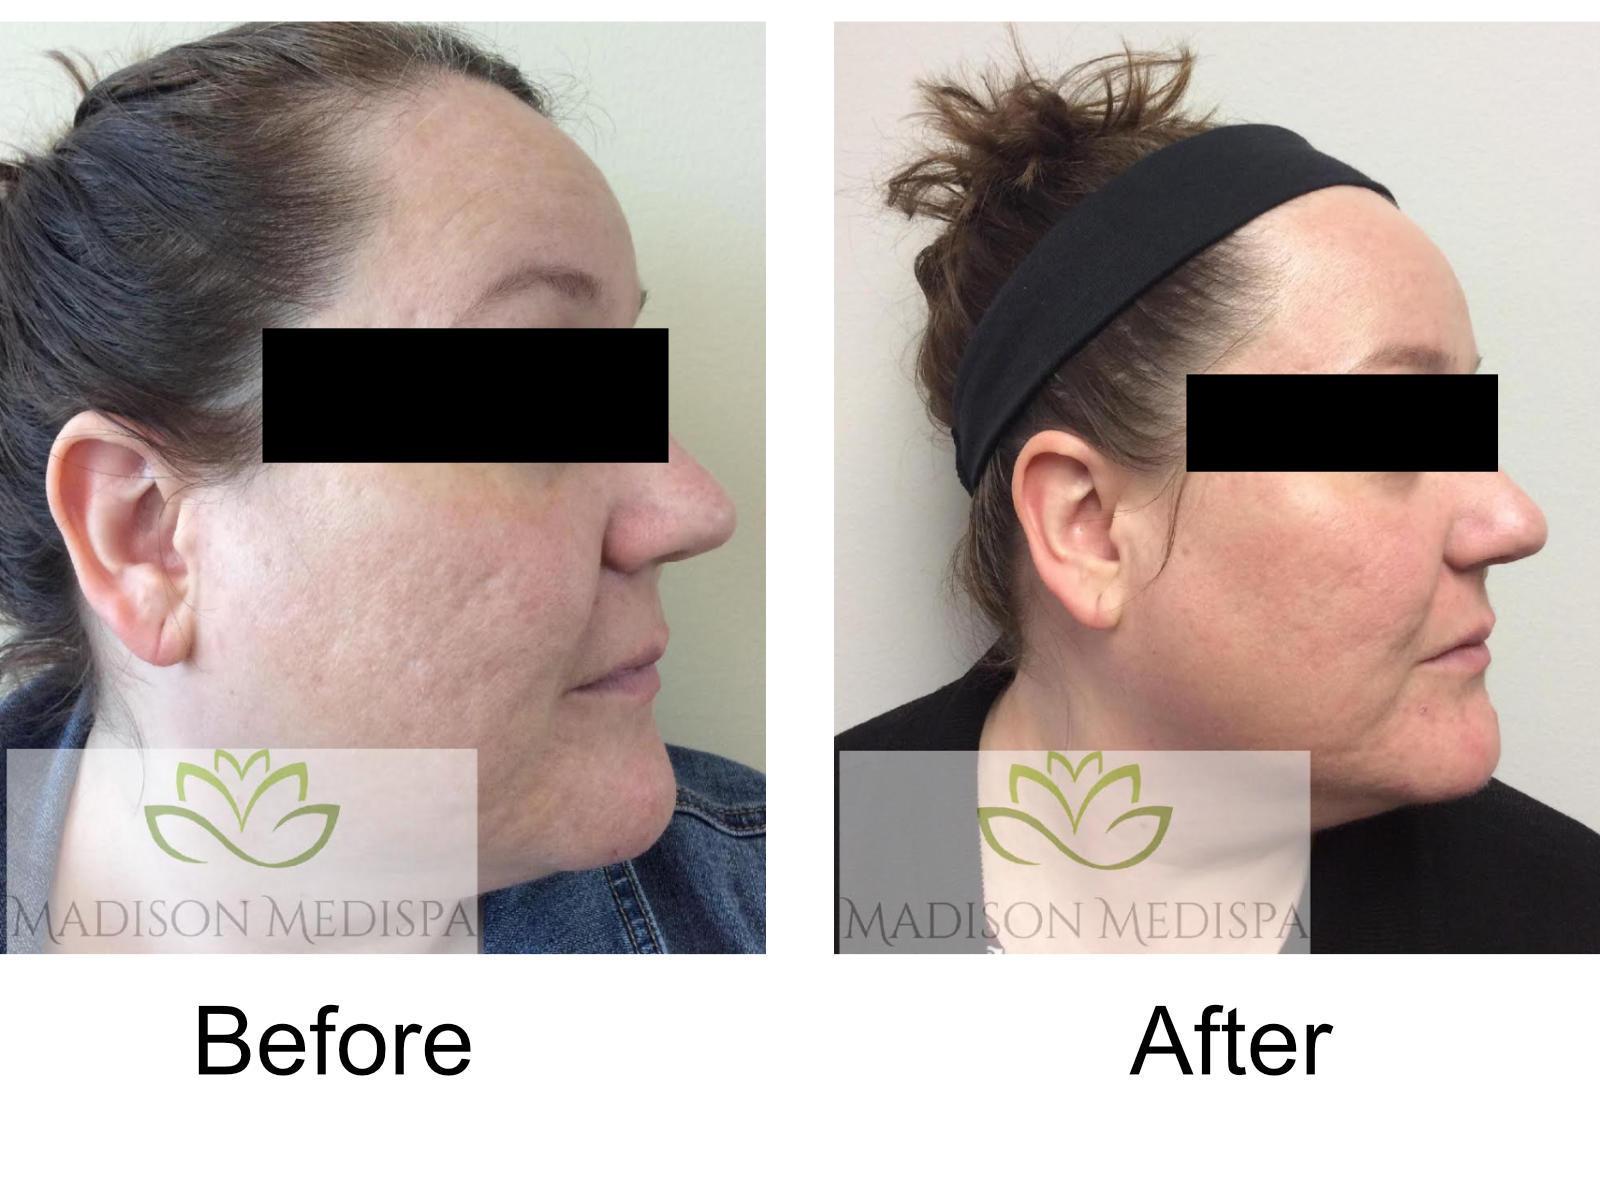 b4a-acne-scar-01-NEW